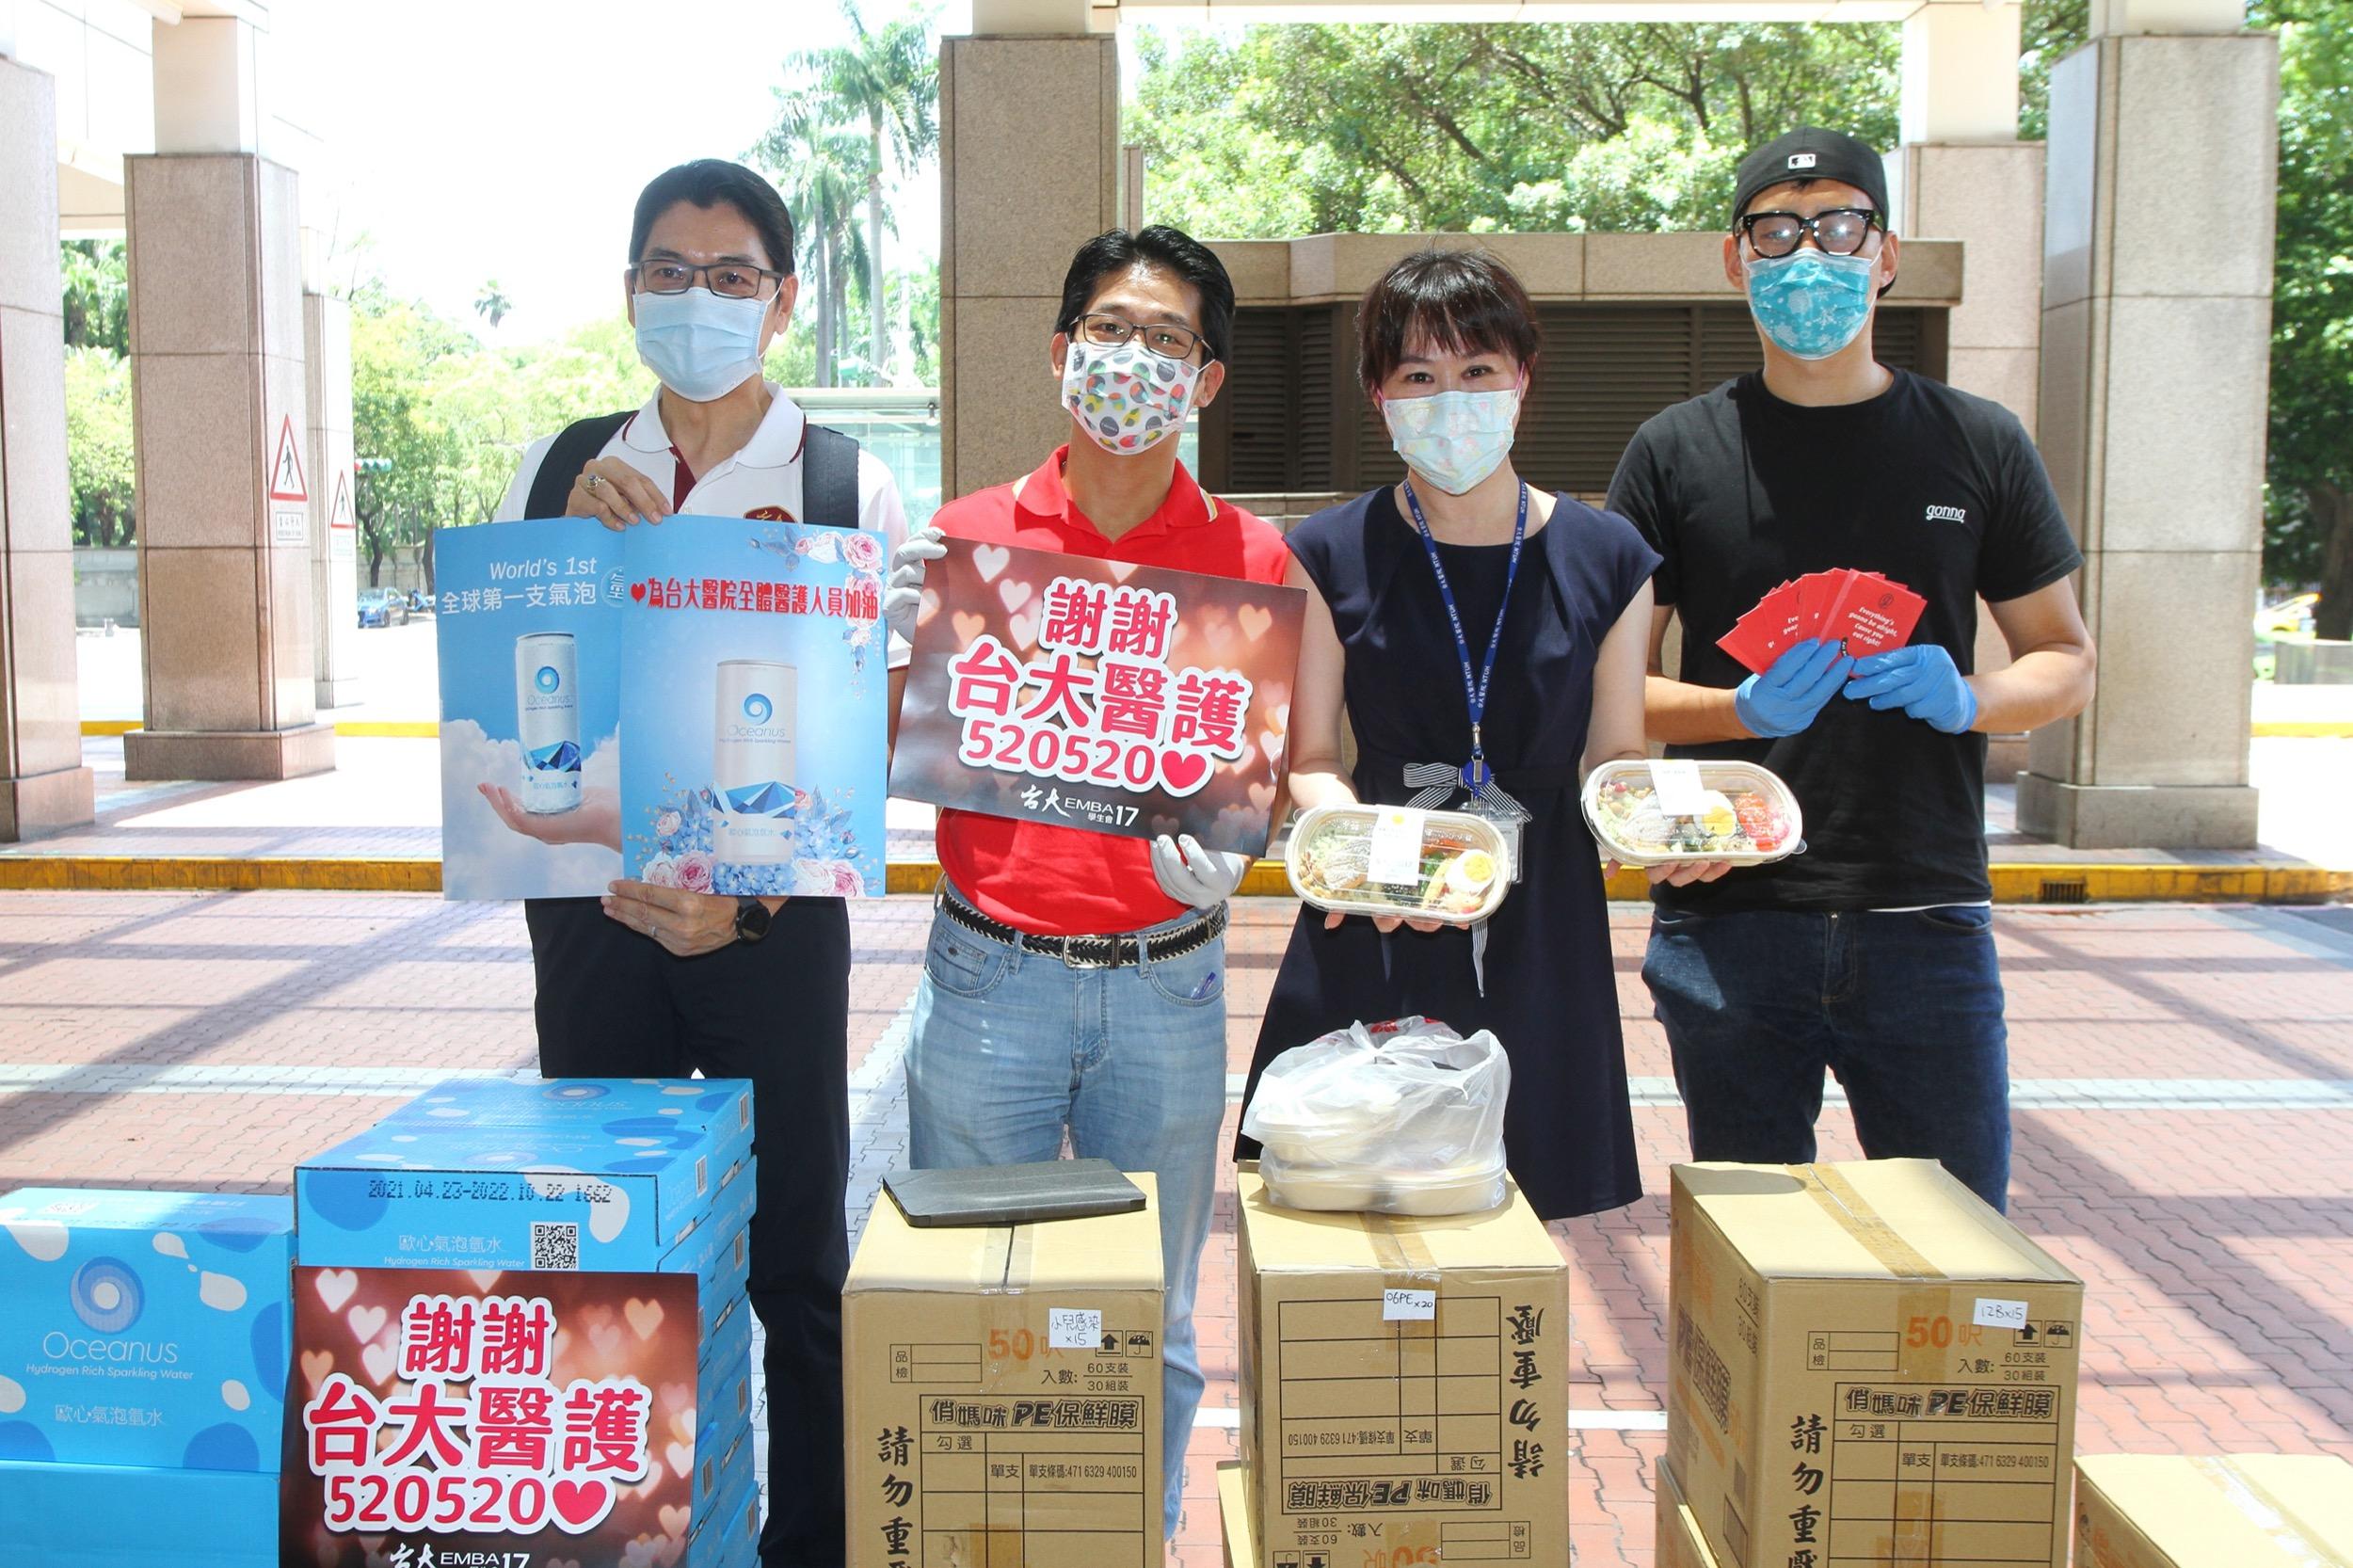 臺大EMBA第17屆學生會 送餐挺醫護 善心人士及企業響應